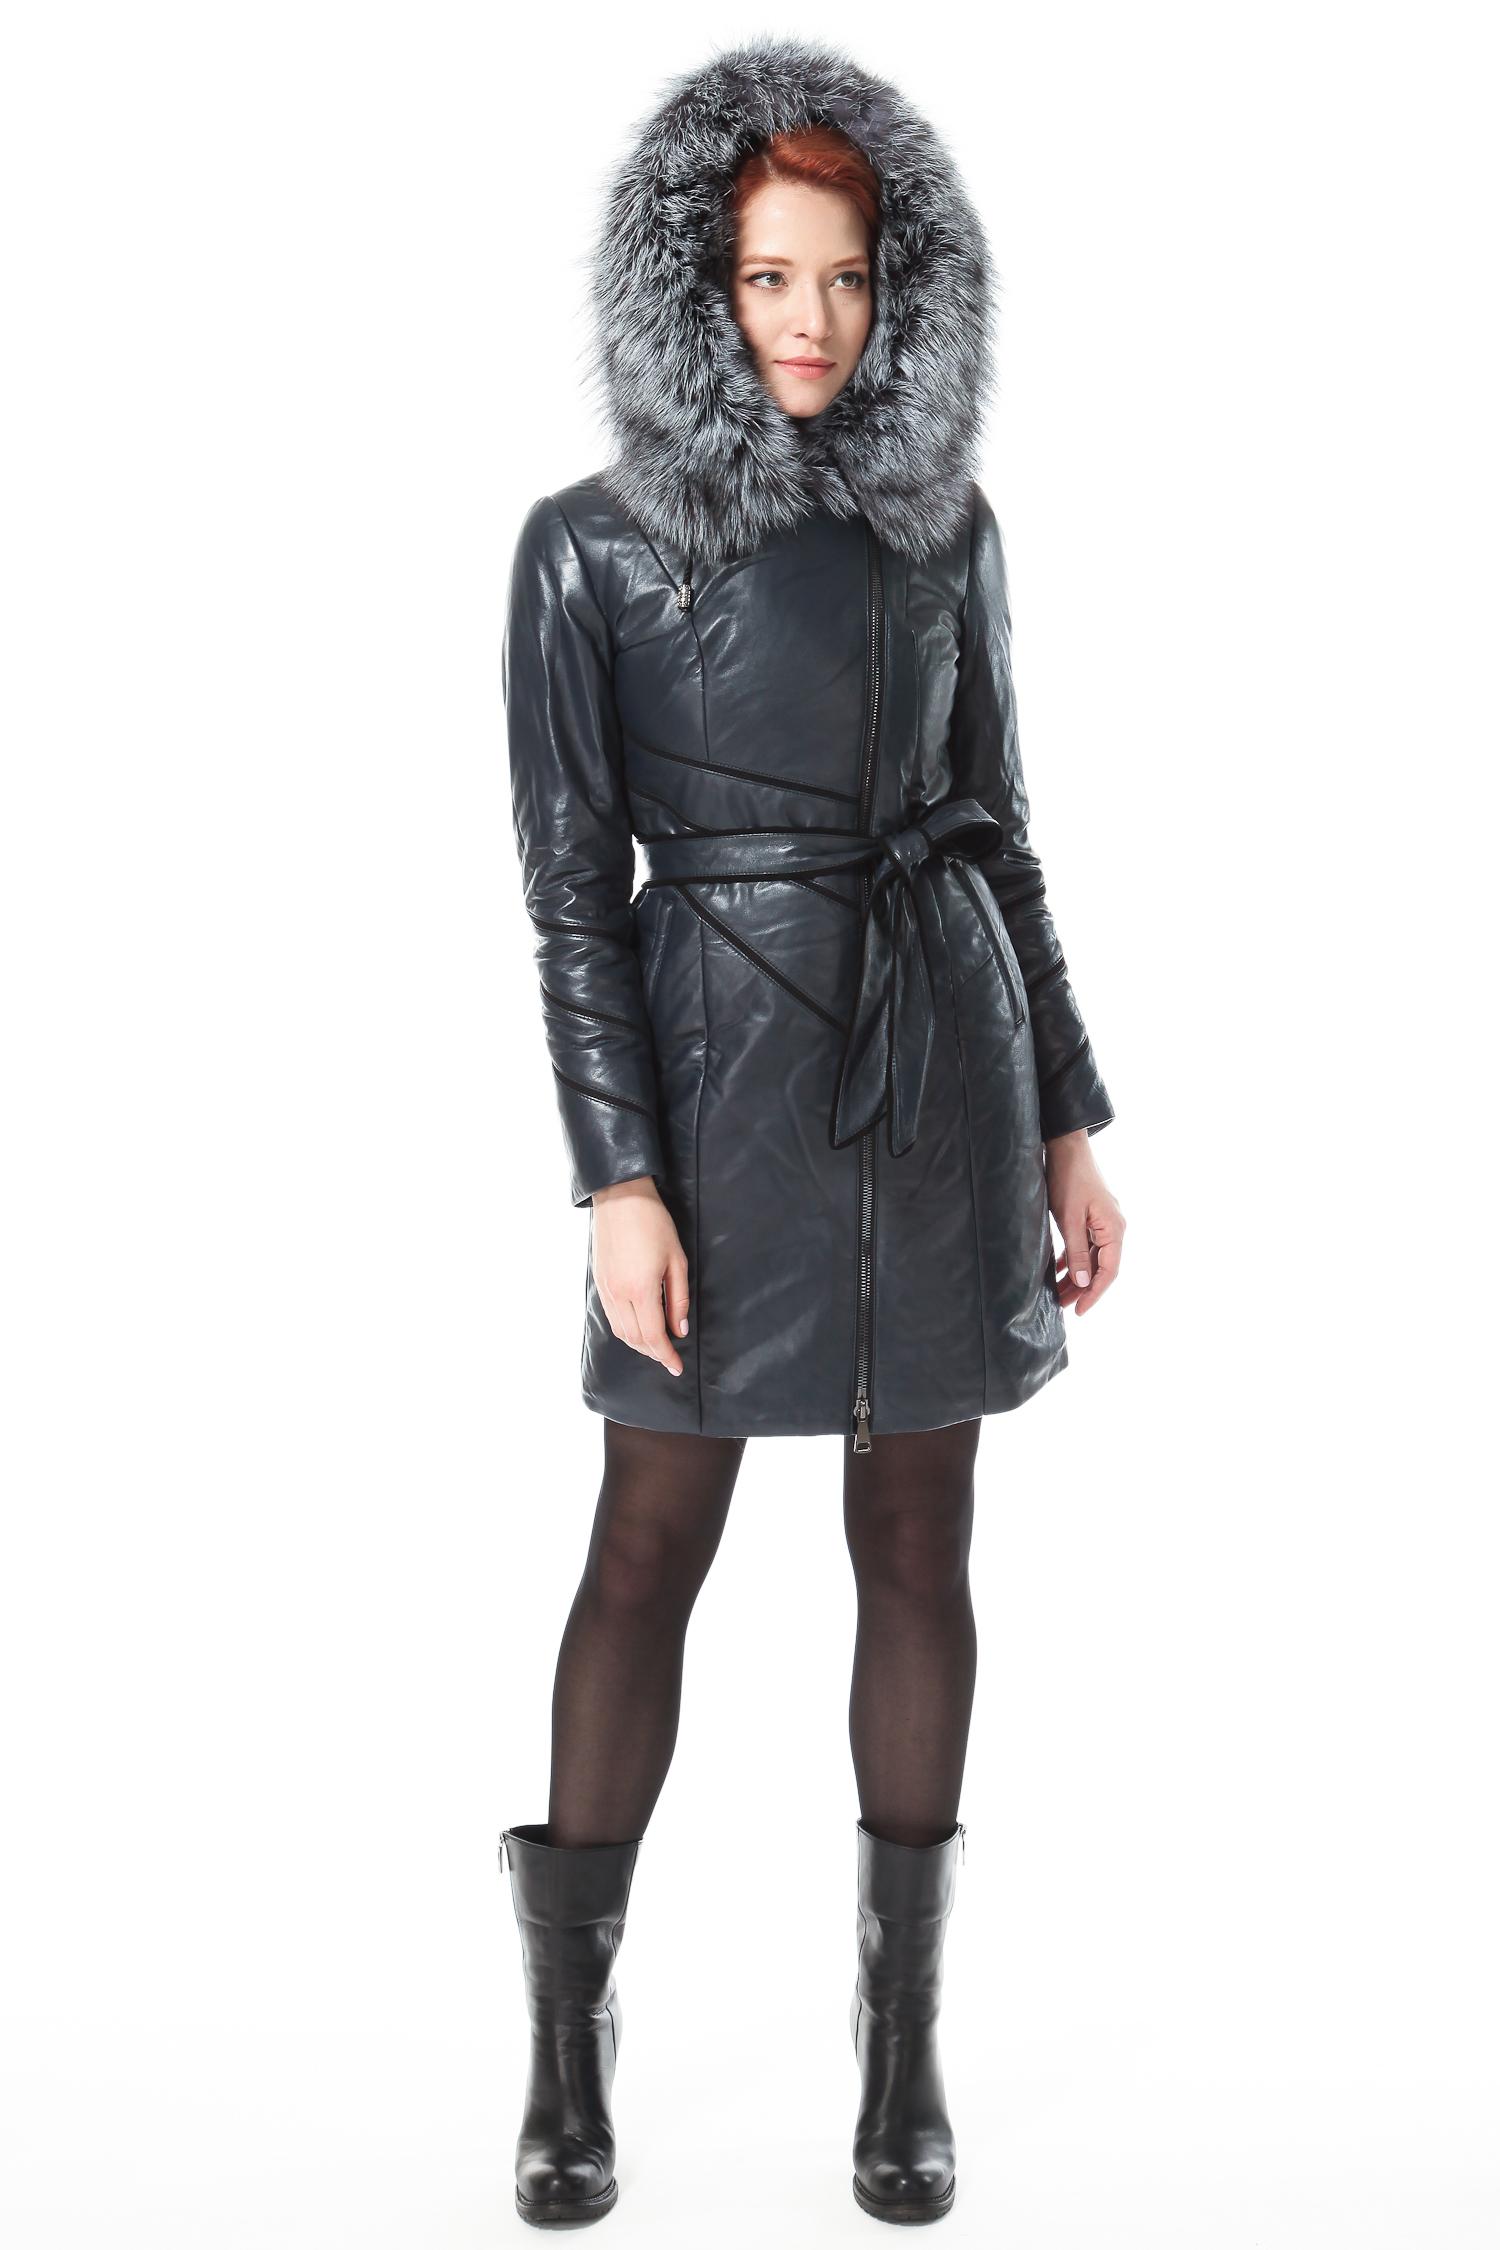 Пуховик женский из натуральной кожи с капюшоном, отделка чернобурка от Московская Меховая Компания